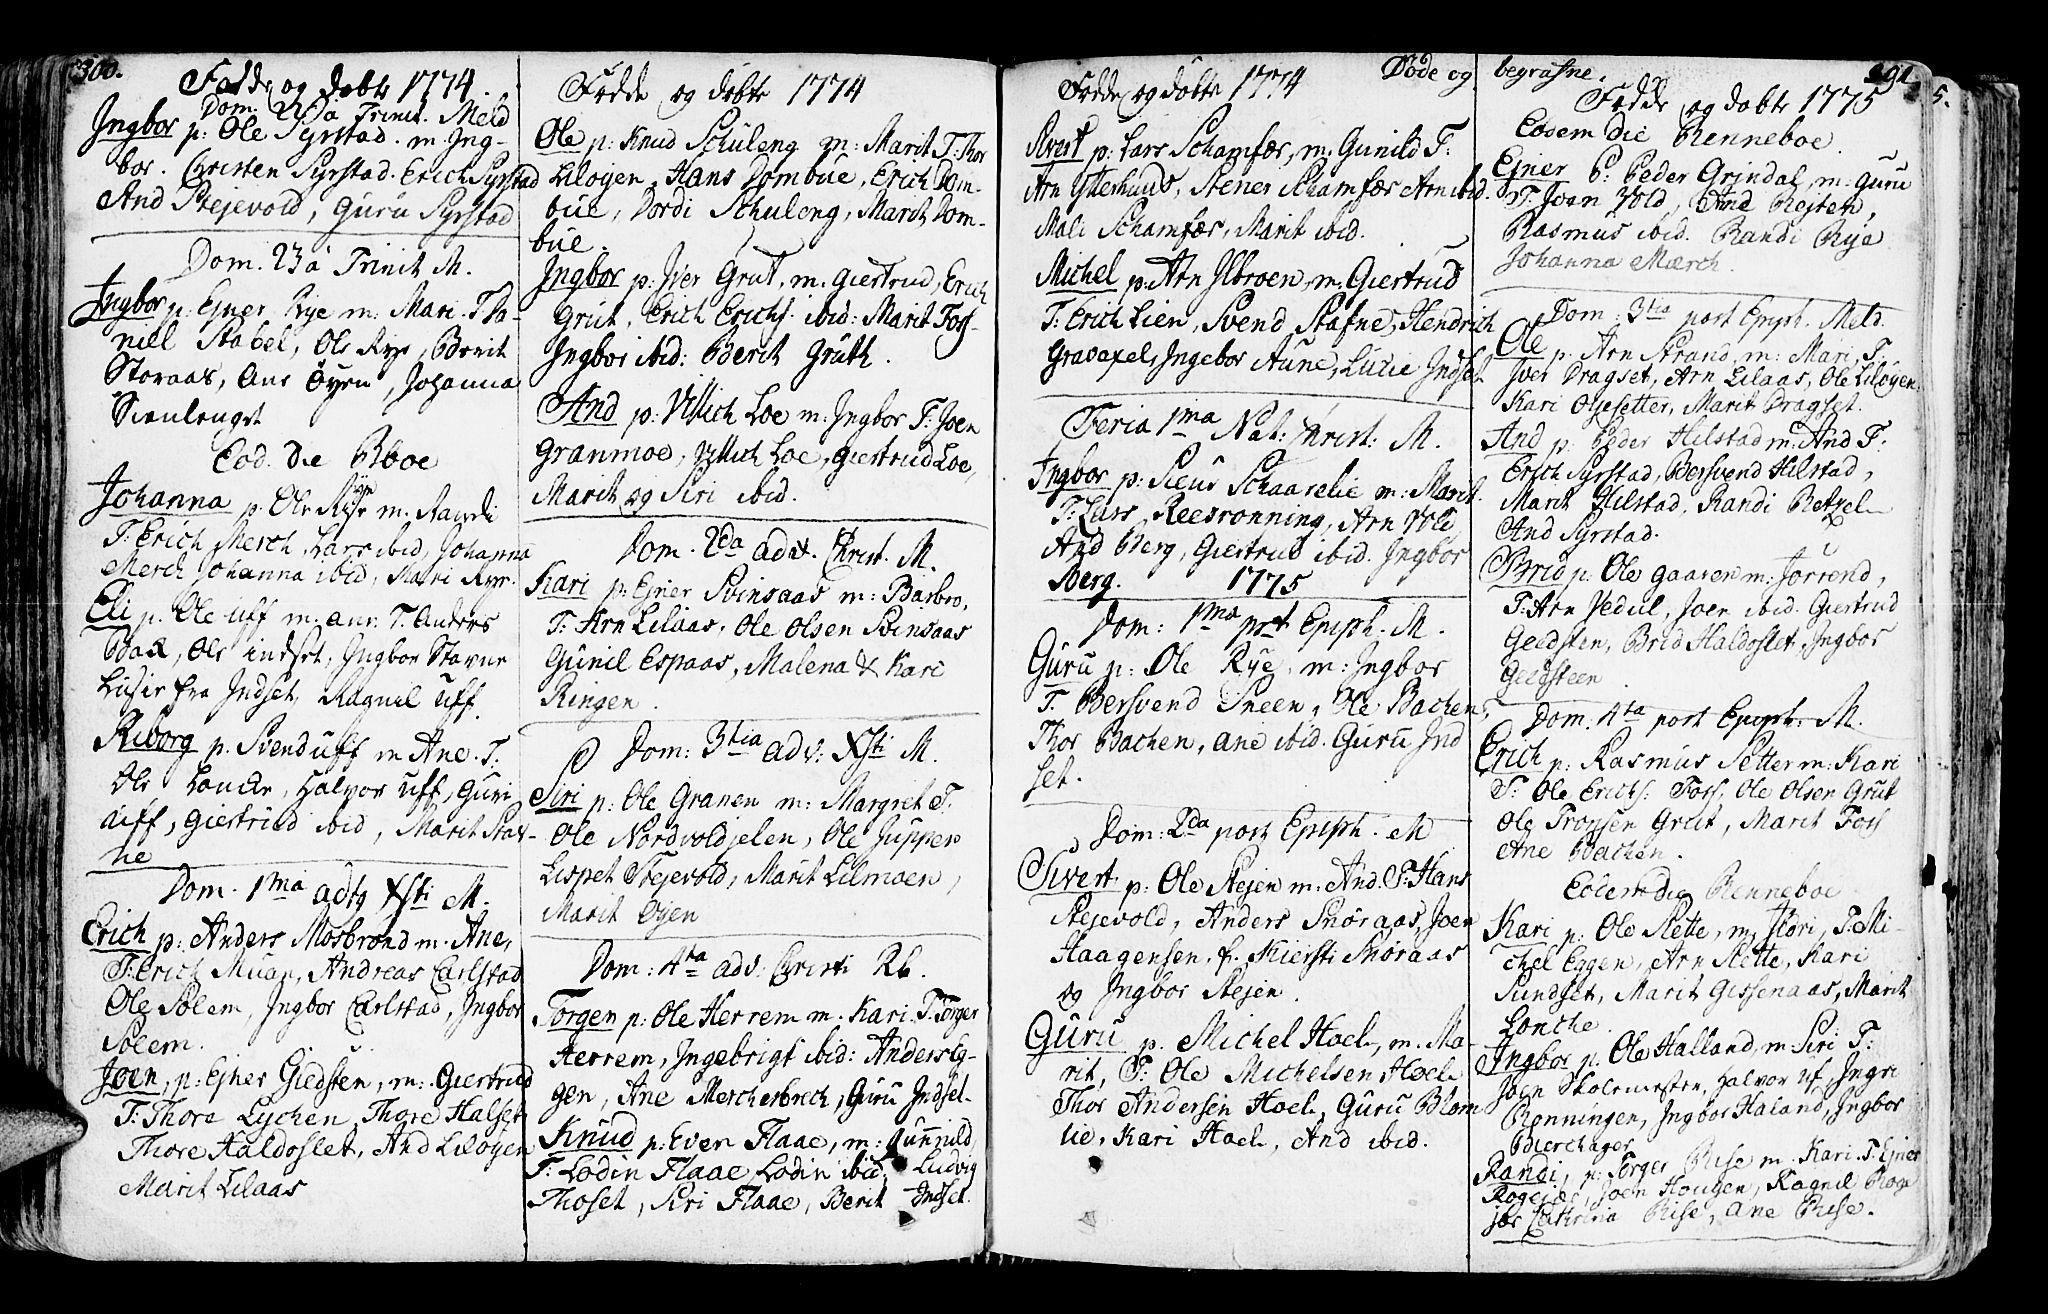 SAT, Ministerialprotokoller, klokkerbøker og fødselsregistre - Sør-Trøndelag, 672/L0851: Ministerialbok nr. 672A04, 1751-1775, s. 300-301